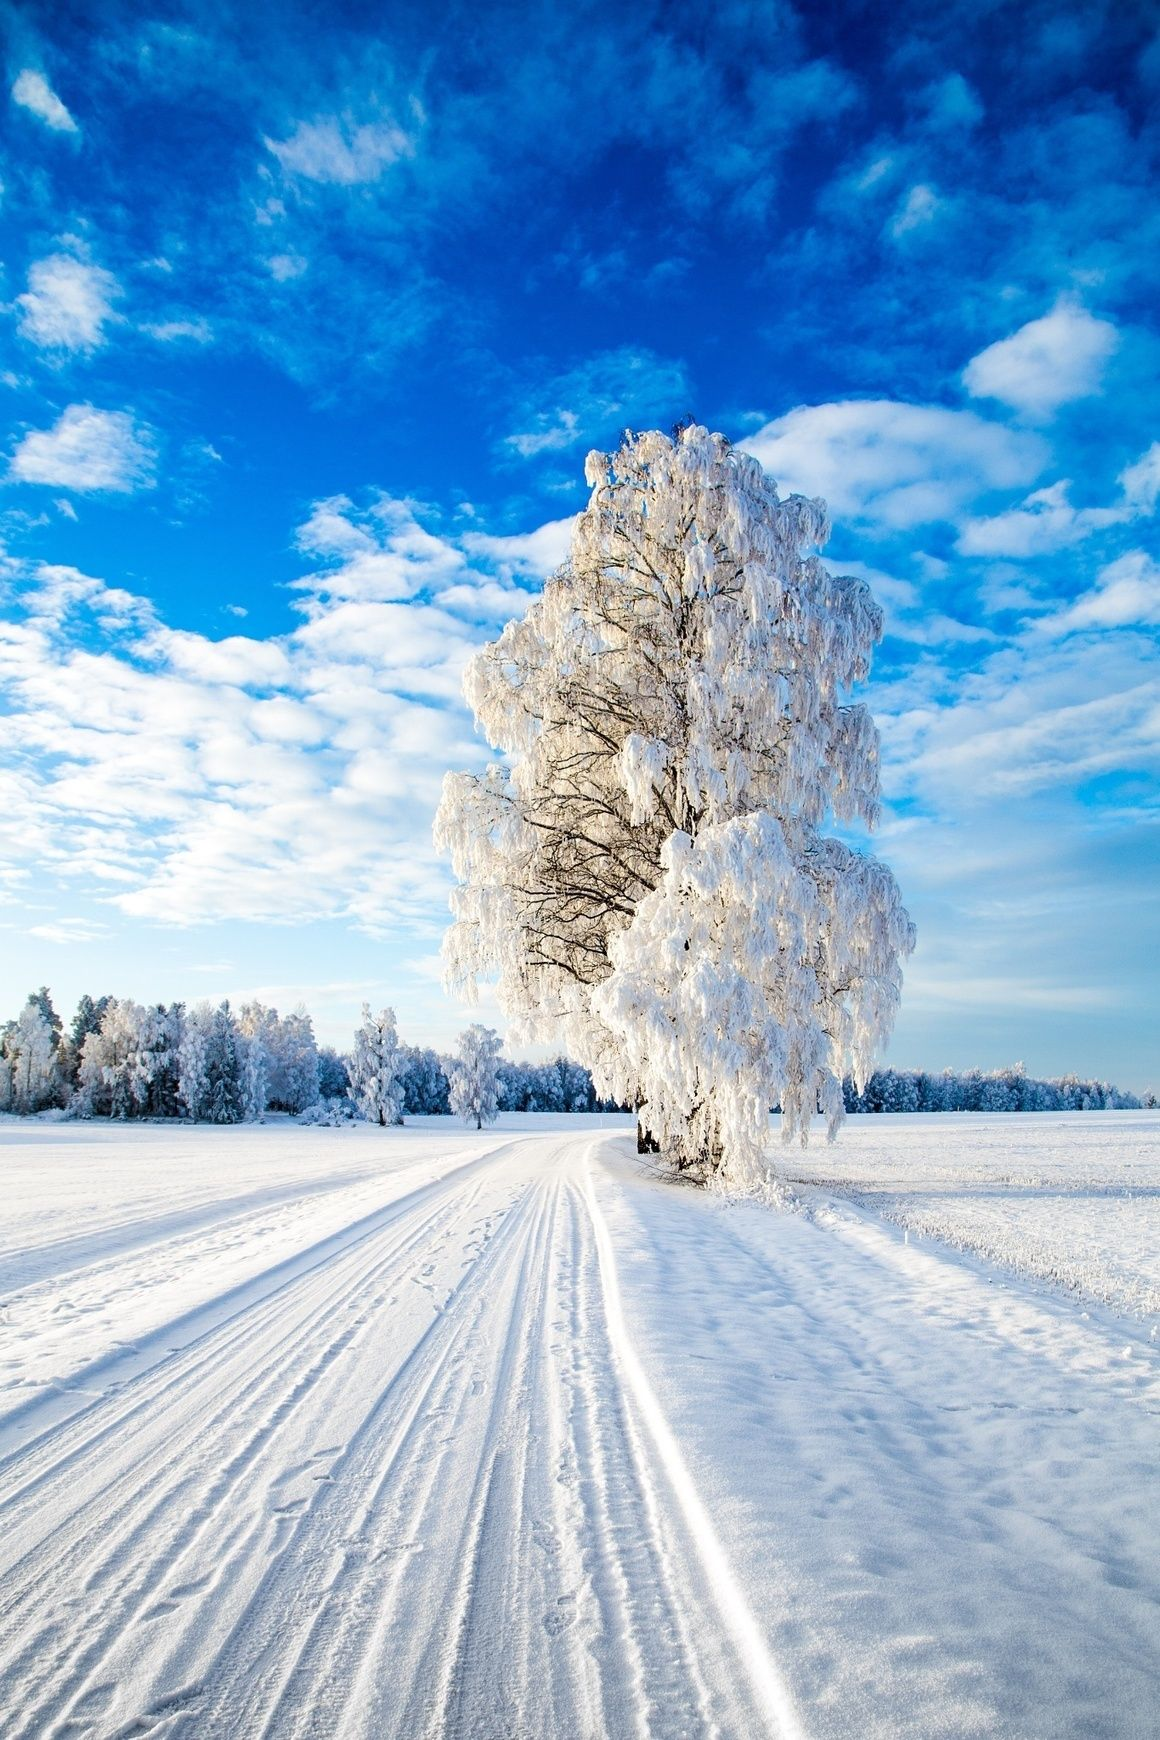 Winter Wonderland by Sven-Erik Lundby | My Photo